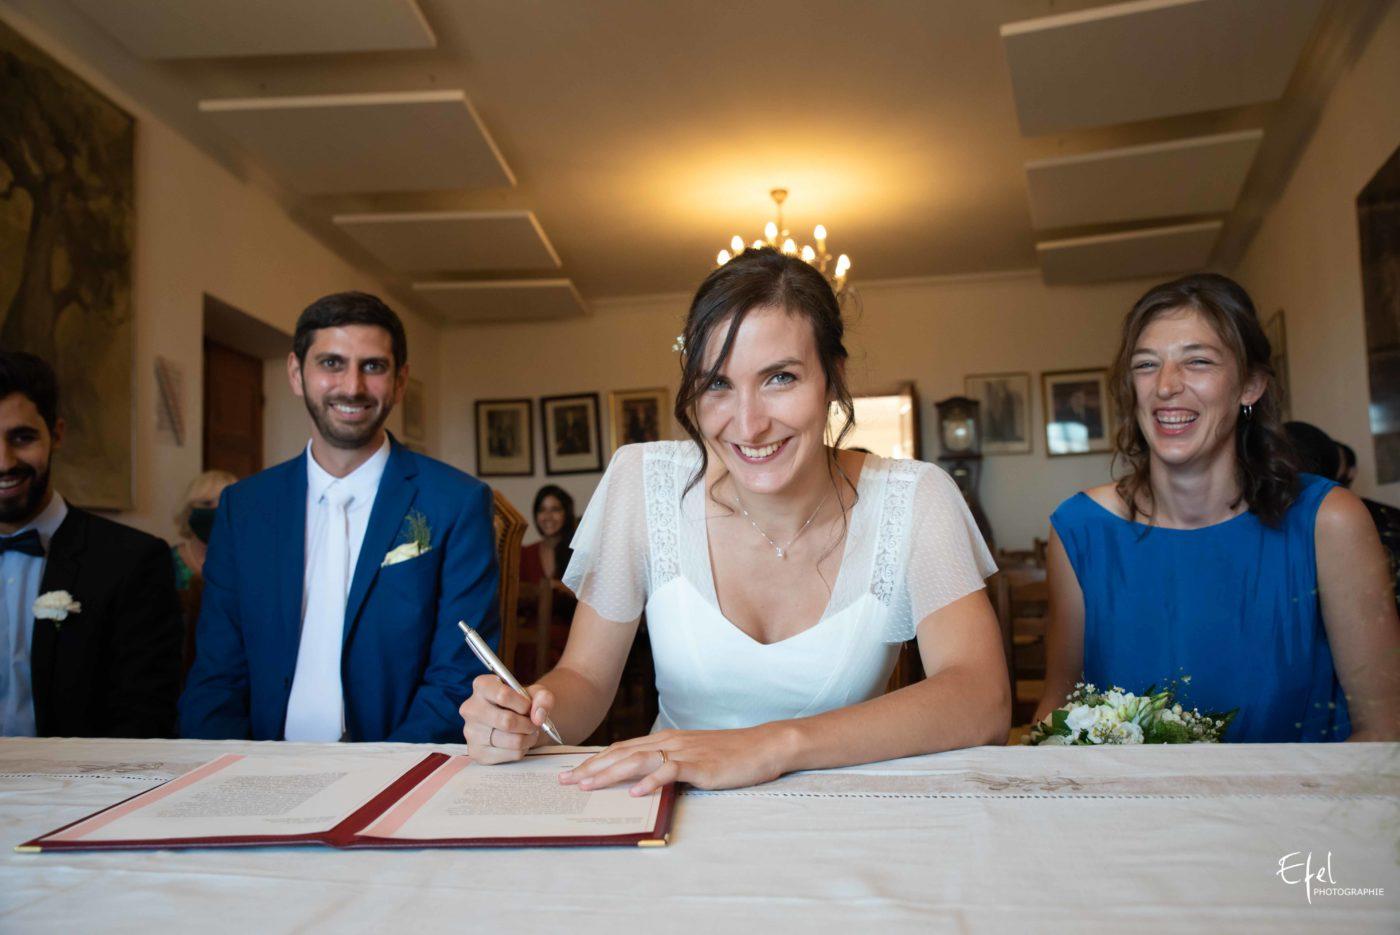 la signature des registres pendant la cérémonie civile - photographe de mariage hautes alpes, gap, alpes maritimes et Provence